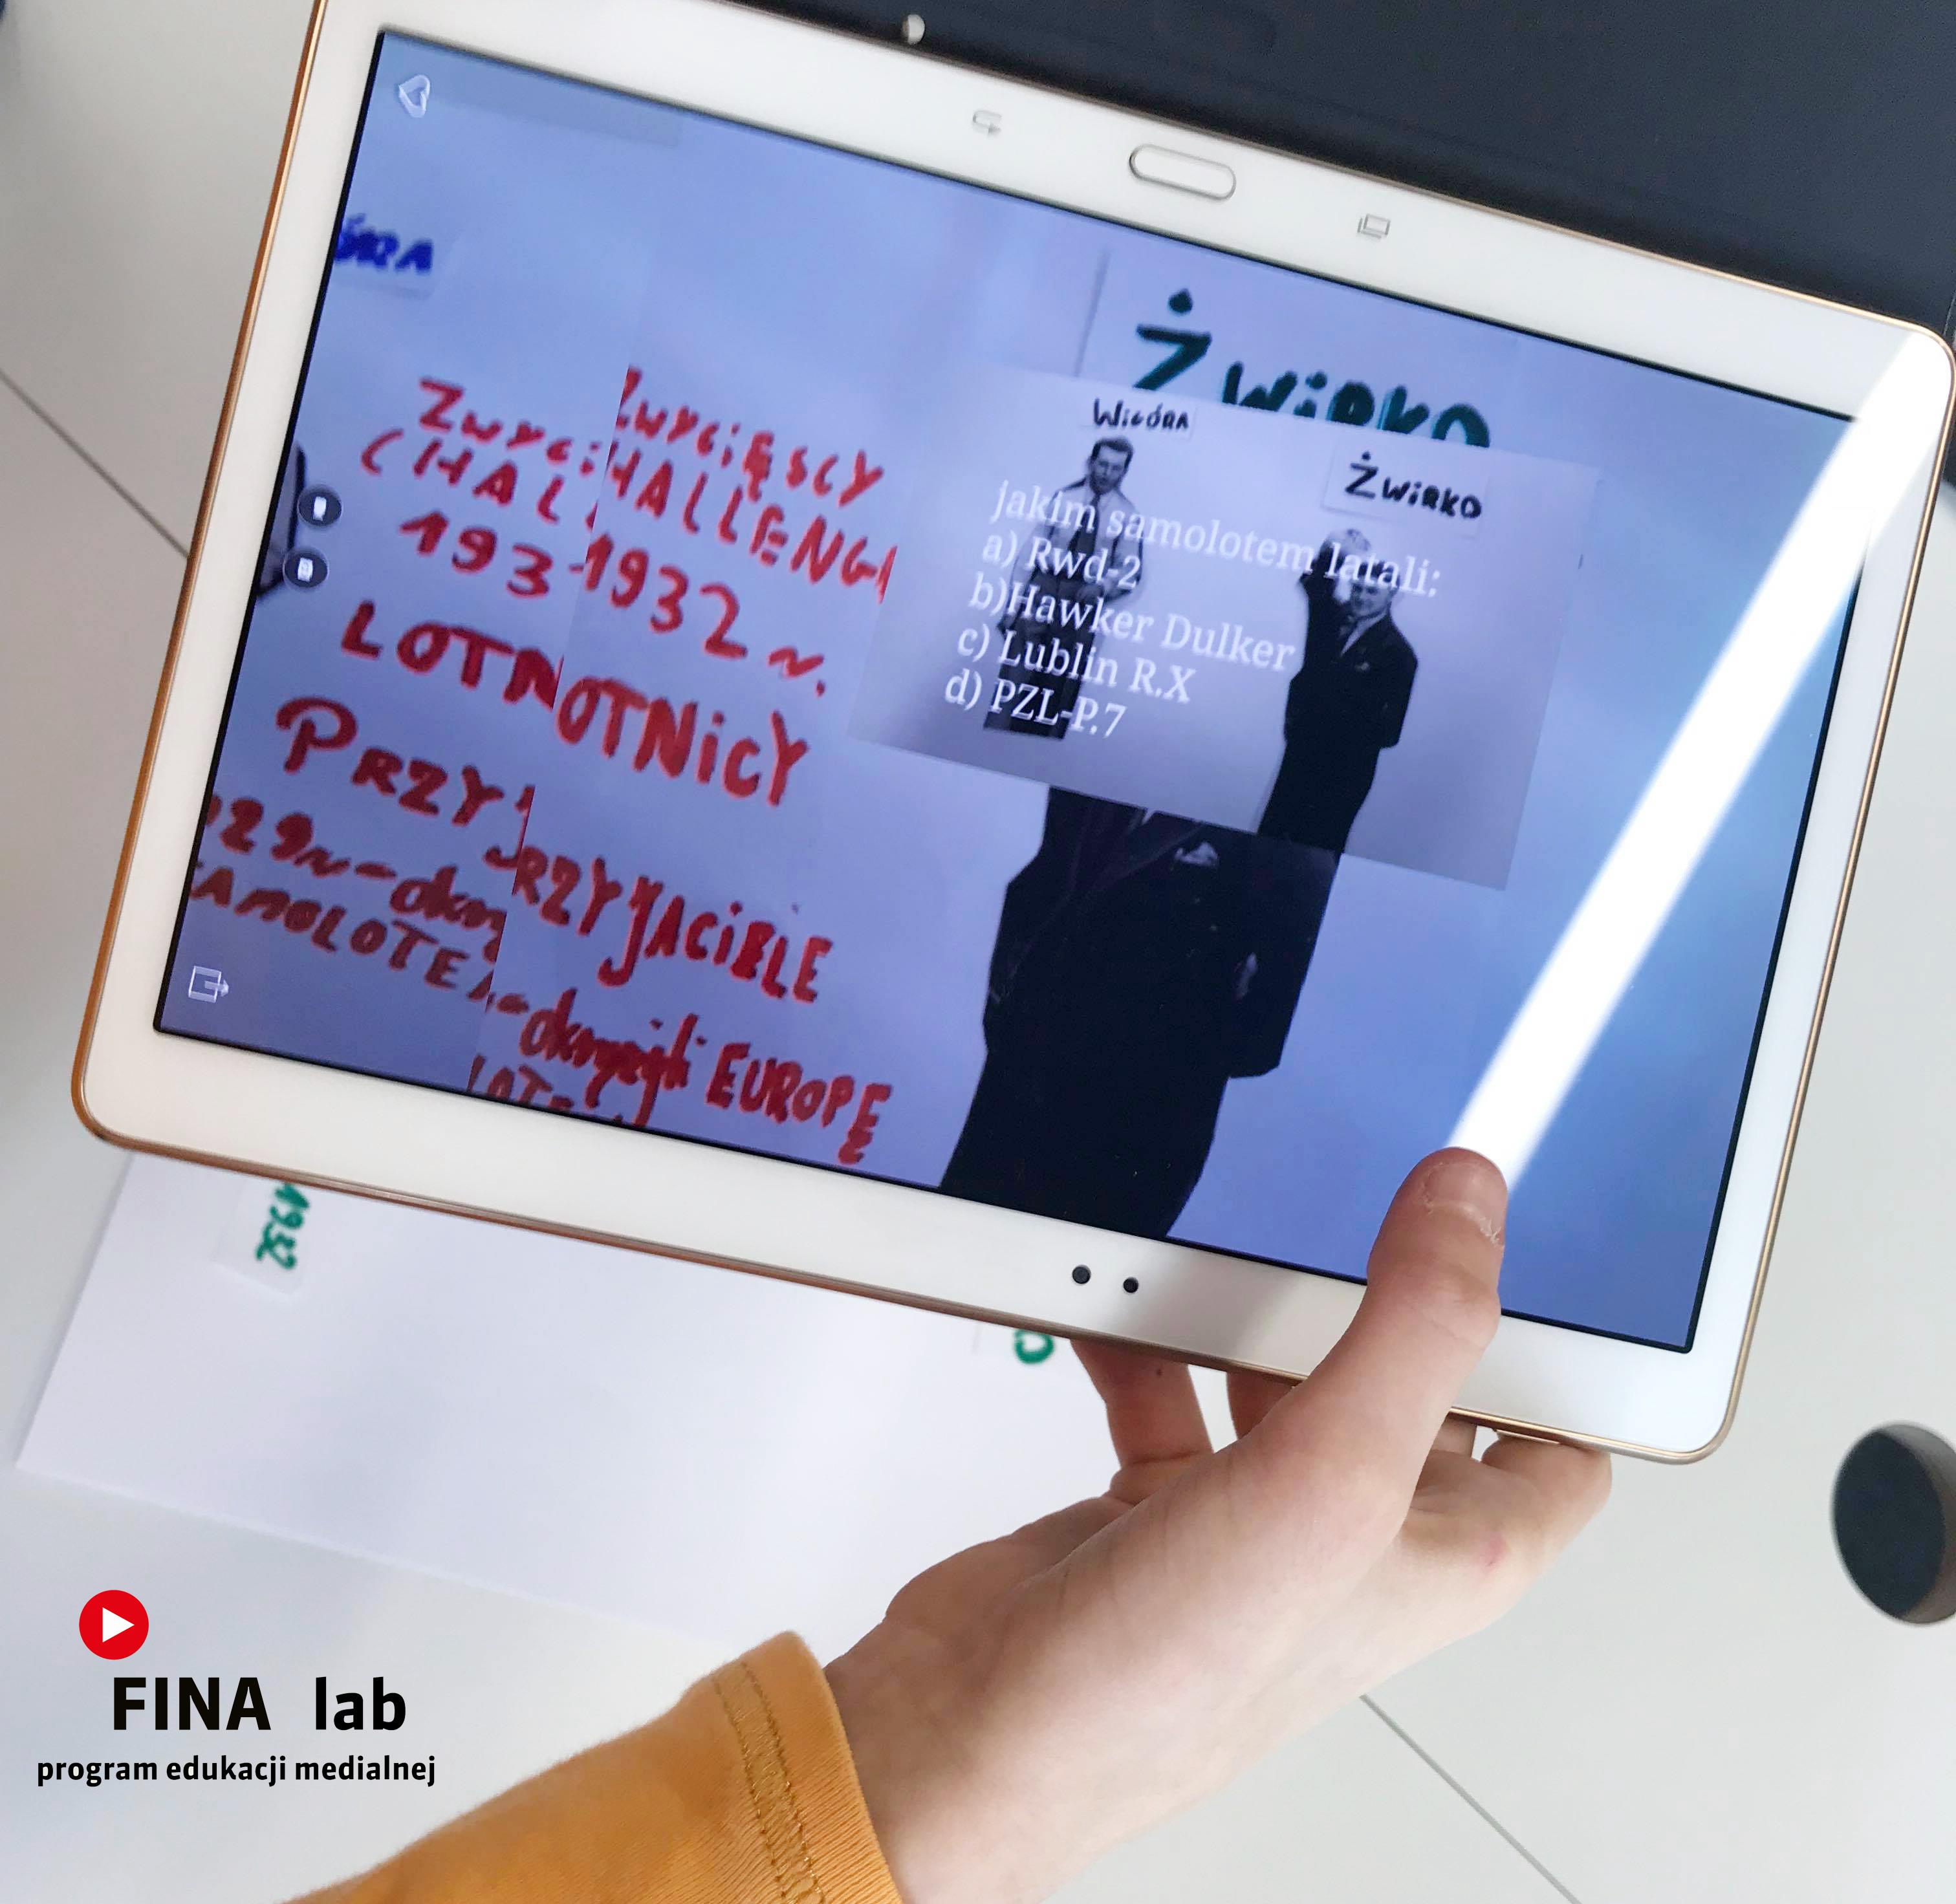 dłoń trzyma tablet ze zdjęciami, baner warsztatów